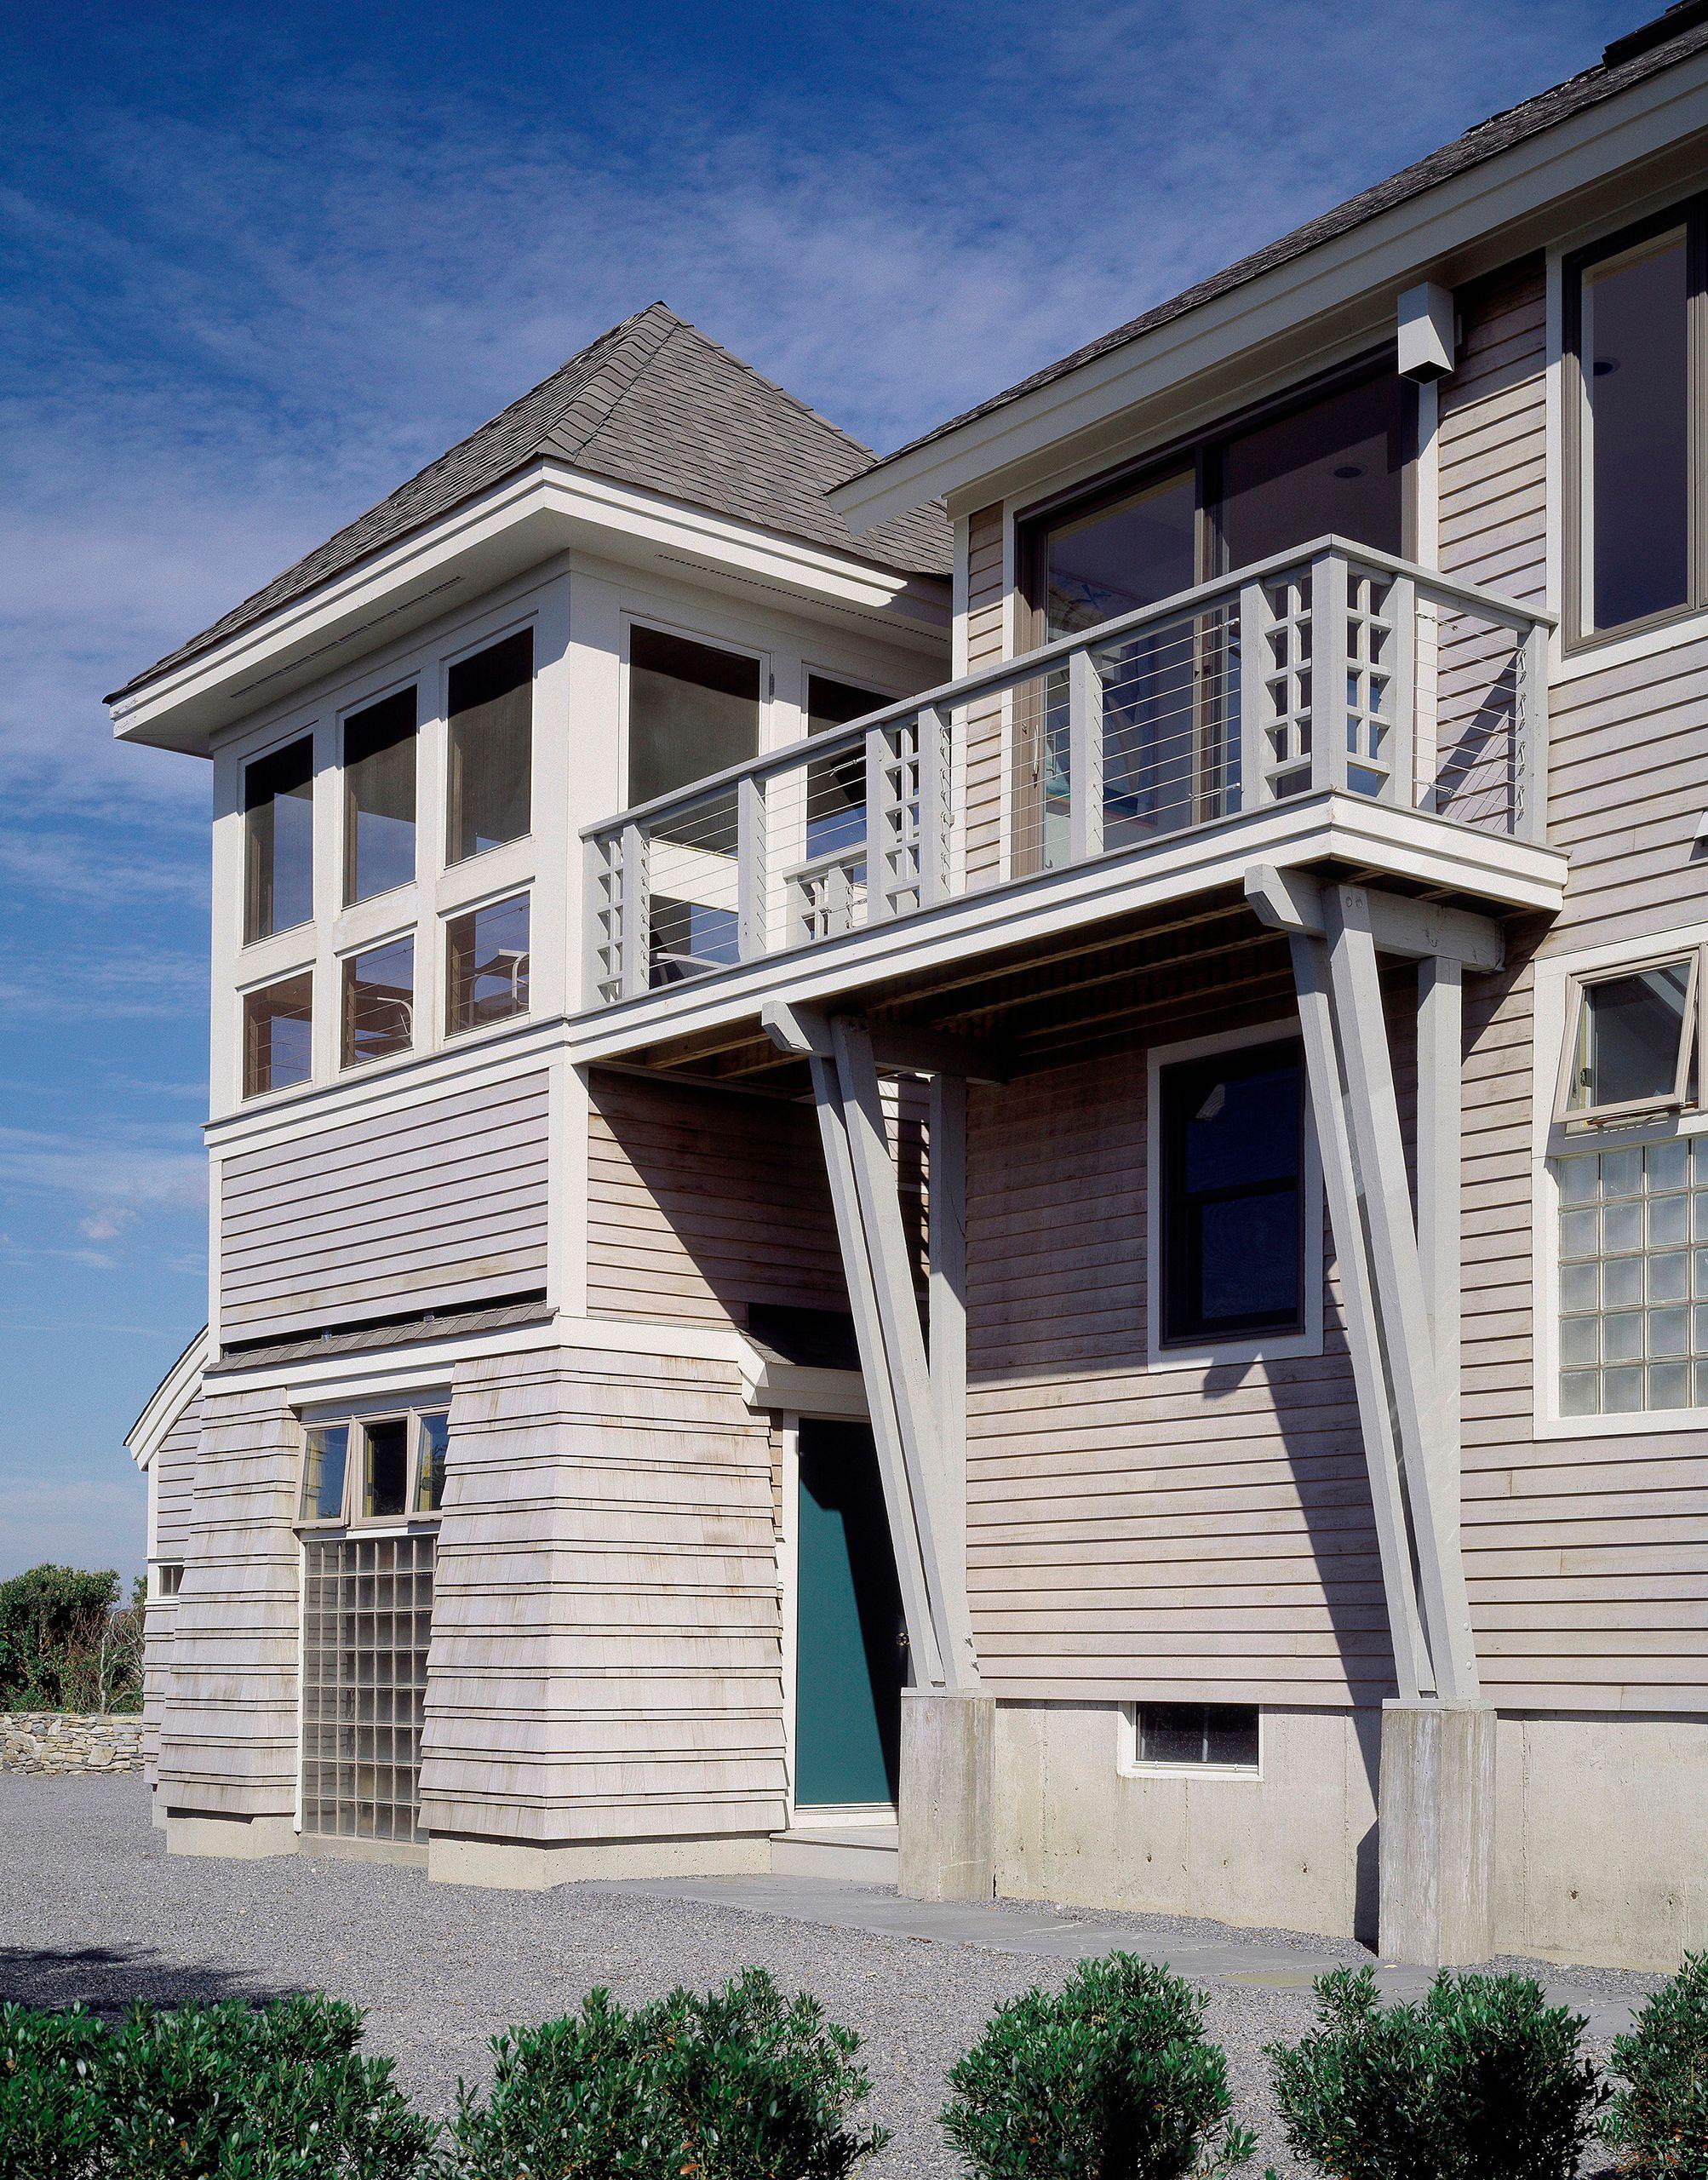 IslandHouse-SKingstownRI-ExteriorDetail.jpg